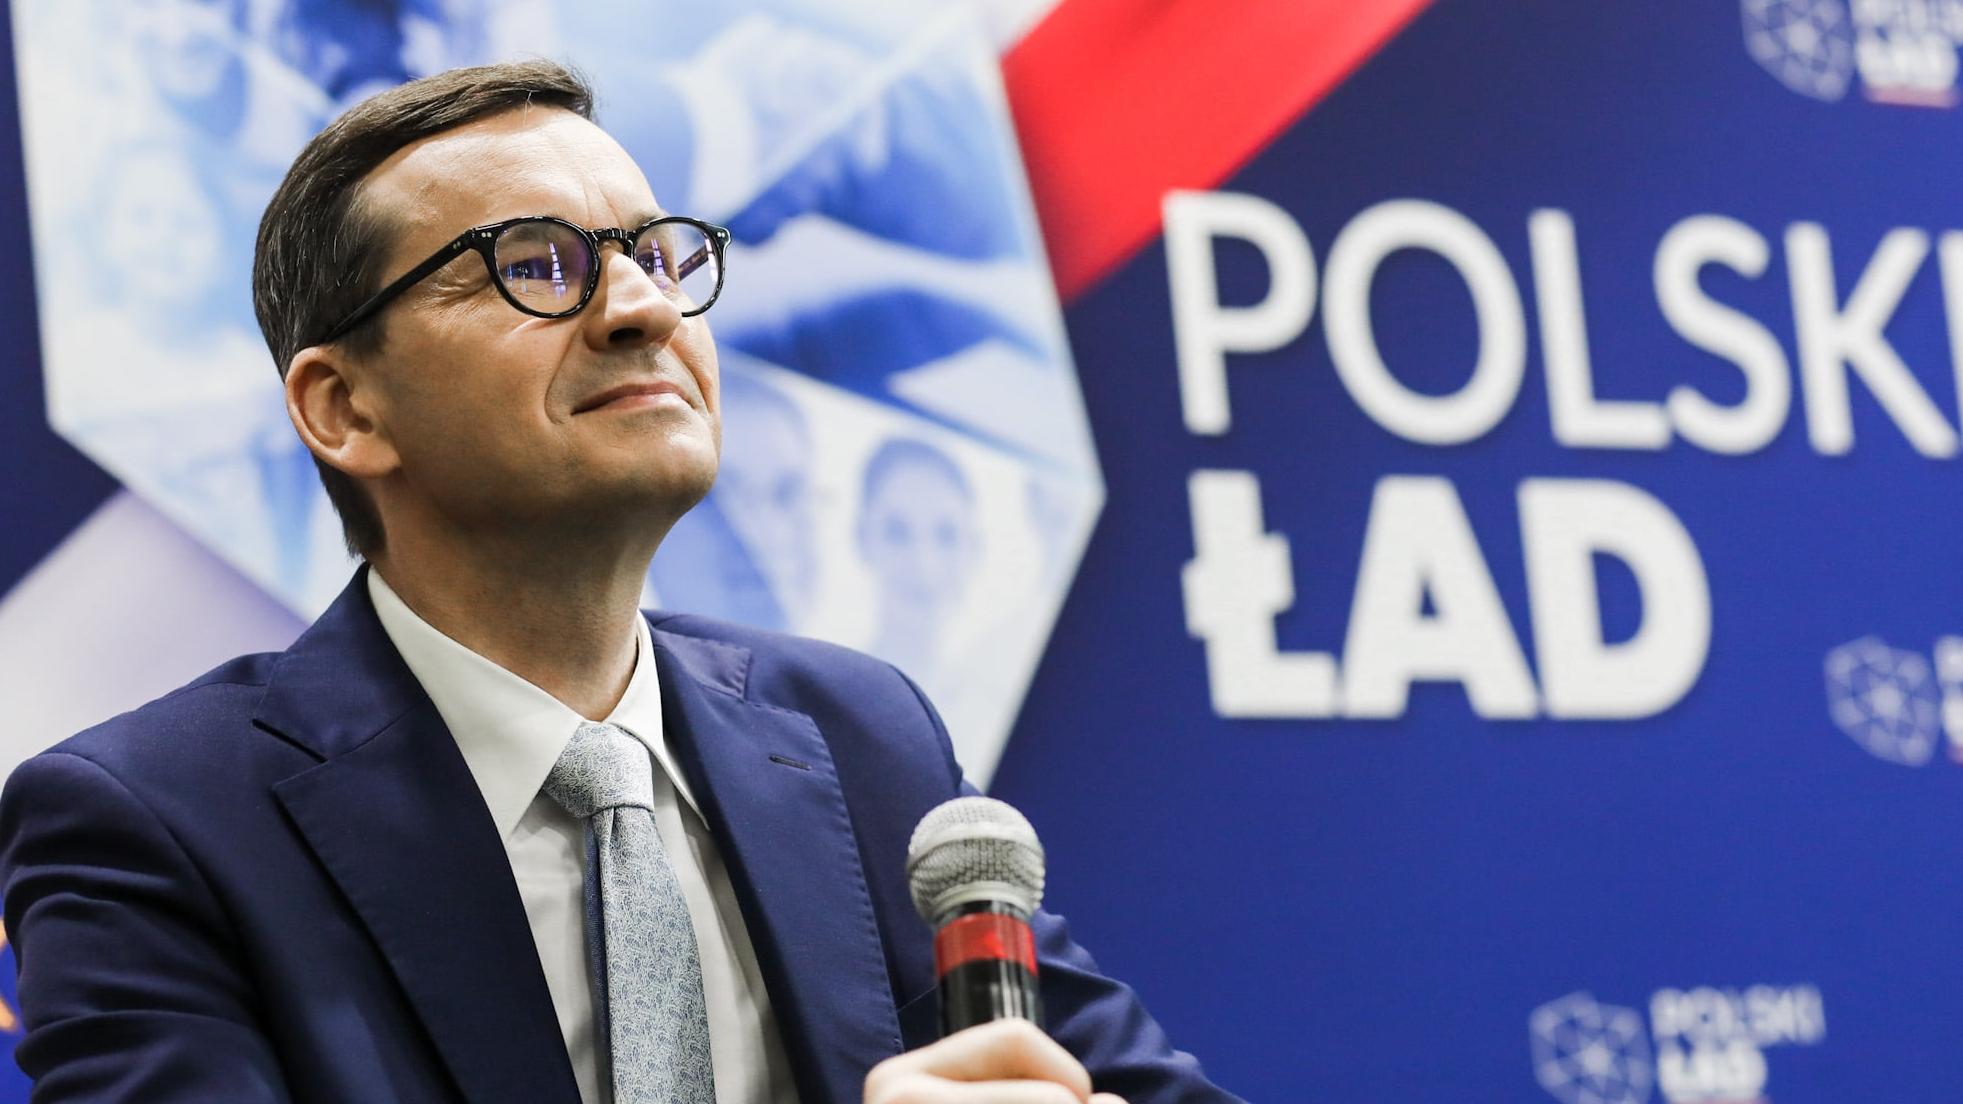 Kiedy Polski Ład zostanie przyjęty? Morawiecki przybliżył termin